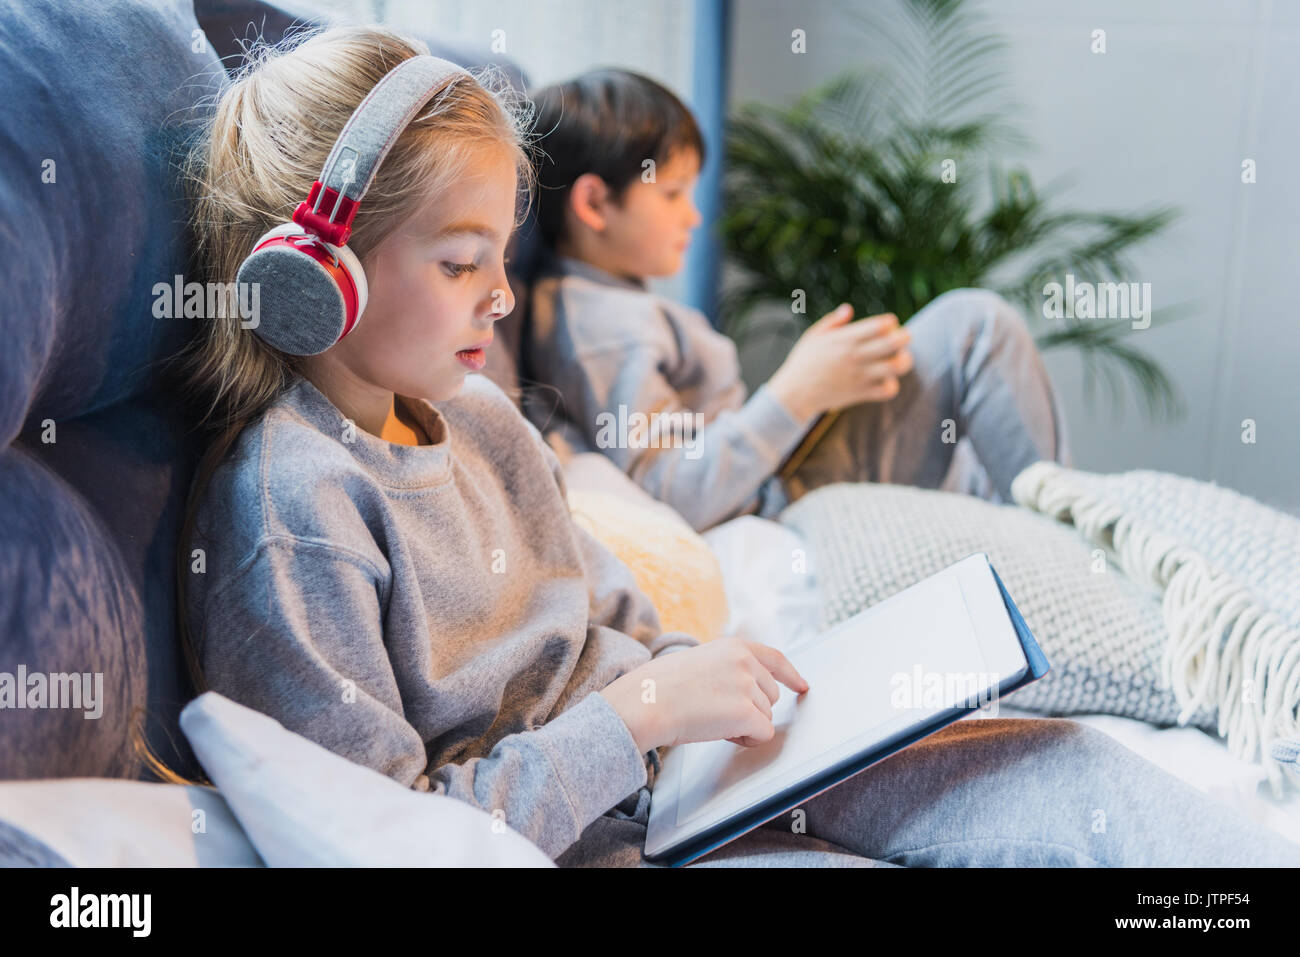 Vista lateral de la niña se centró en auriculares y Little Boy usando tabletas digitales Imagen De Stock